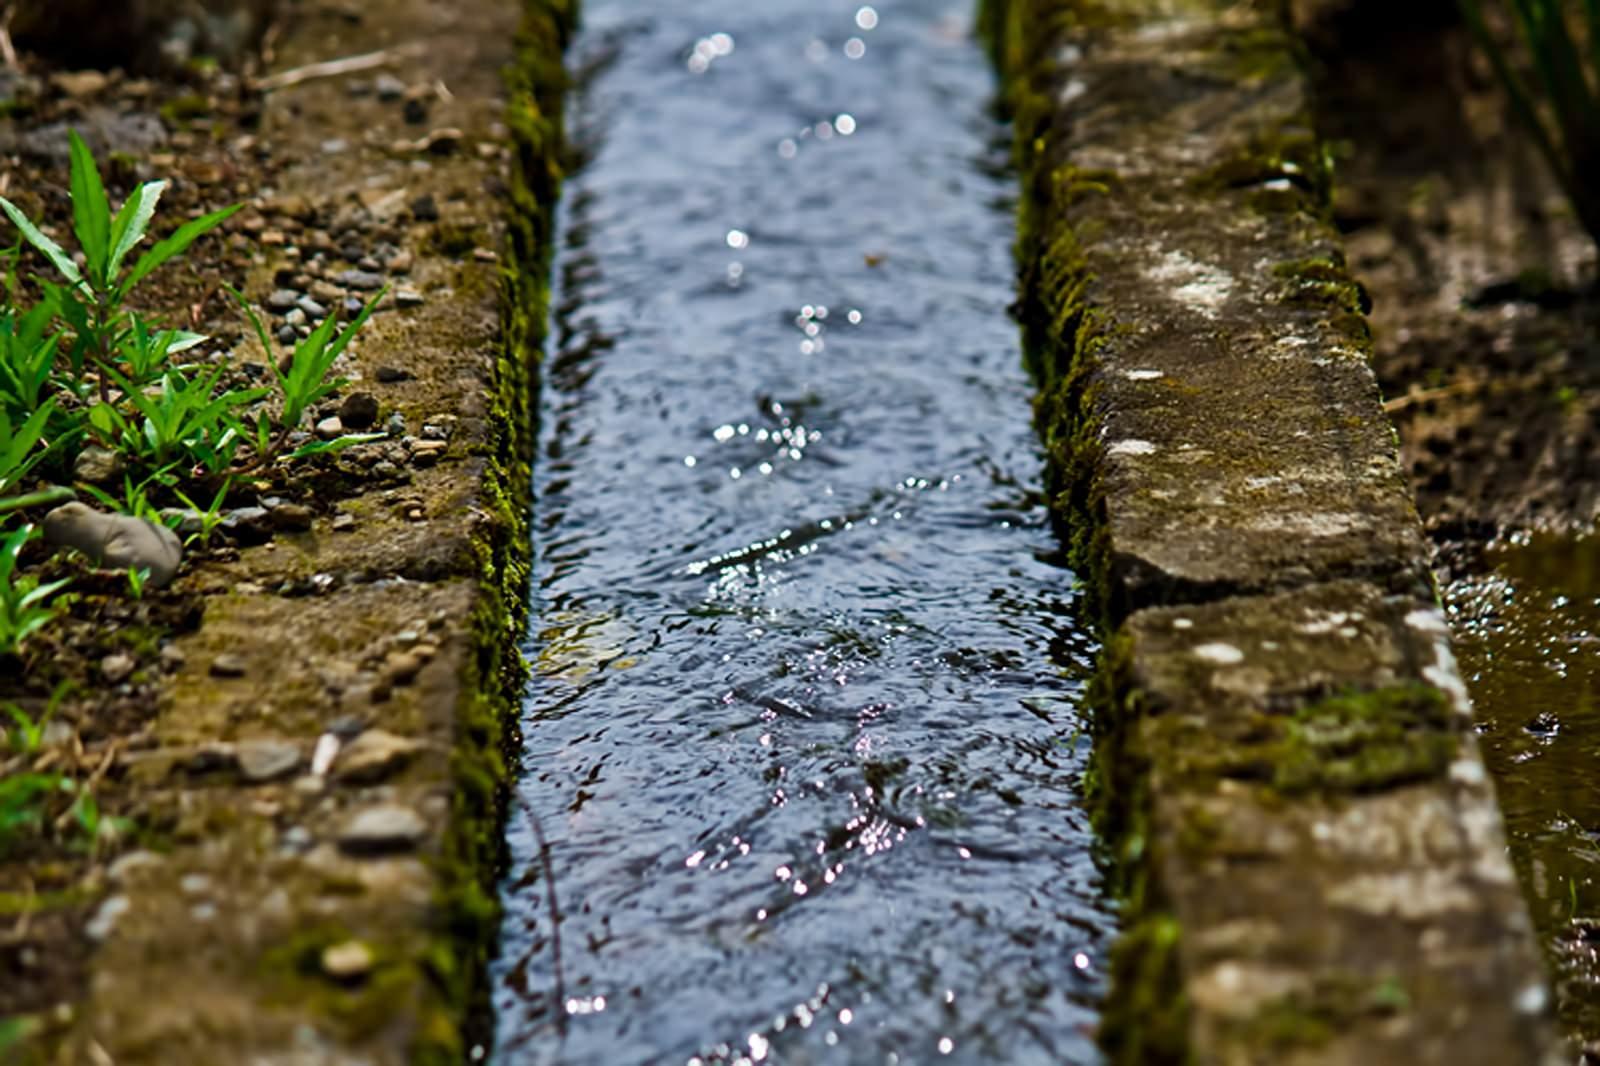 「田舎の用水路田舎の用水路」のフリー写真素材を拡大